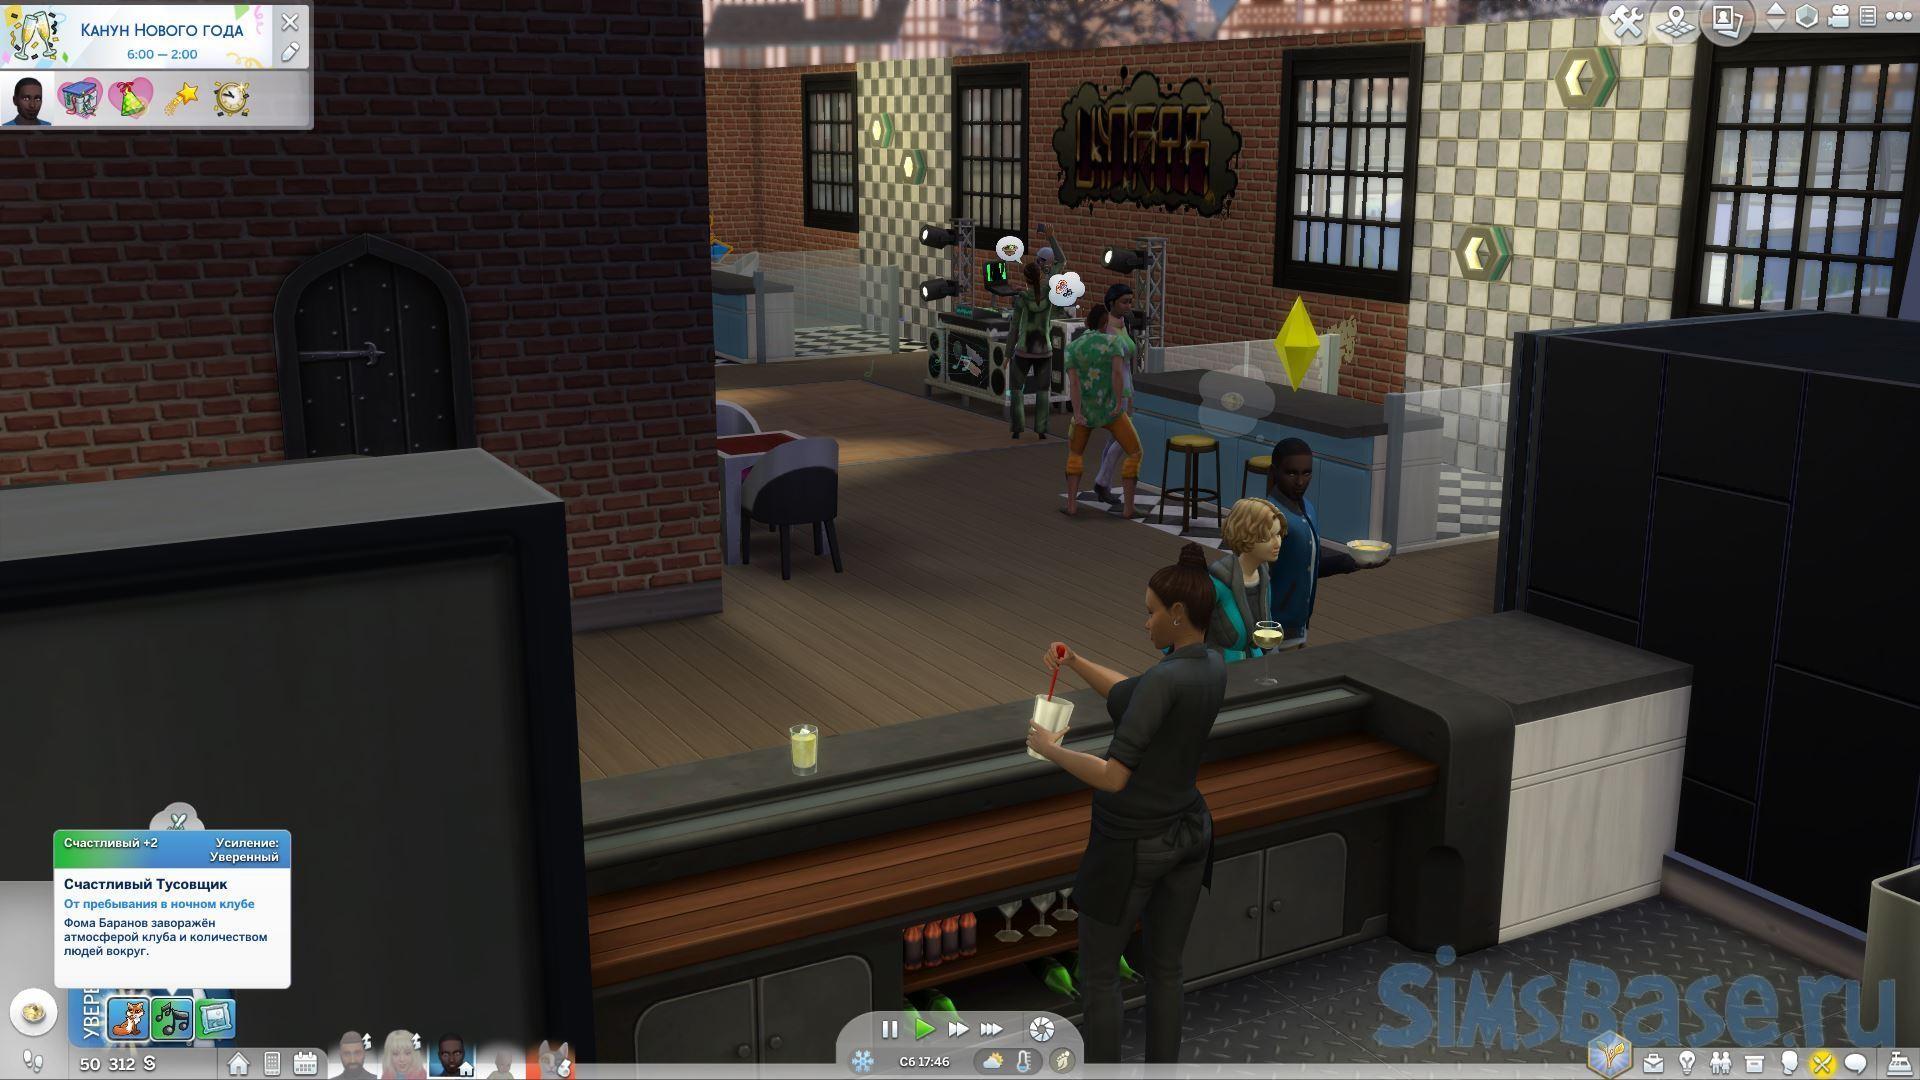 Как создать мод Sims 4. Часть 9. Улучшение черты характера